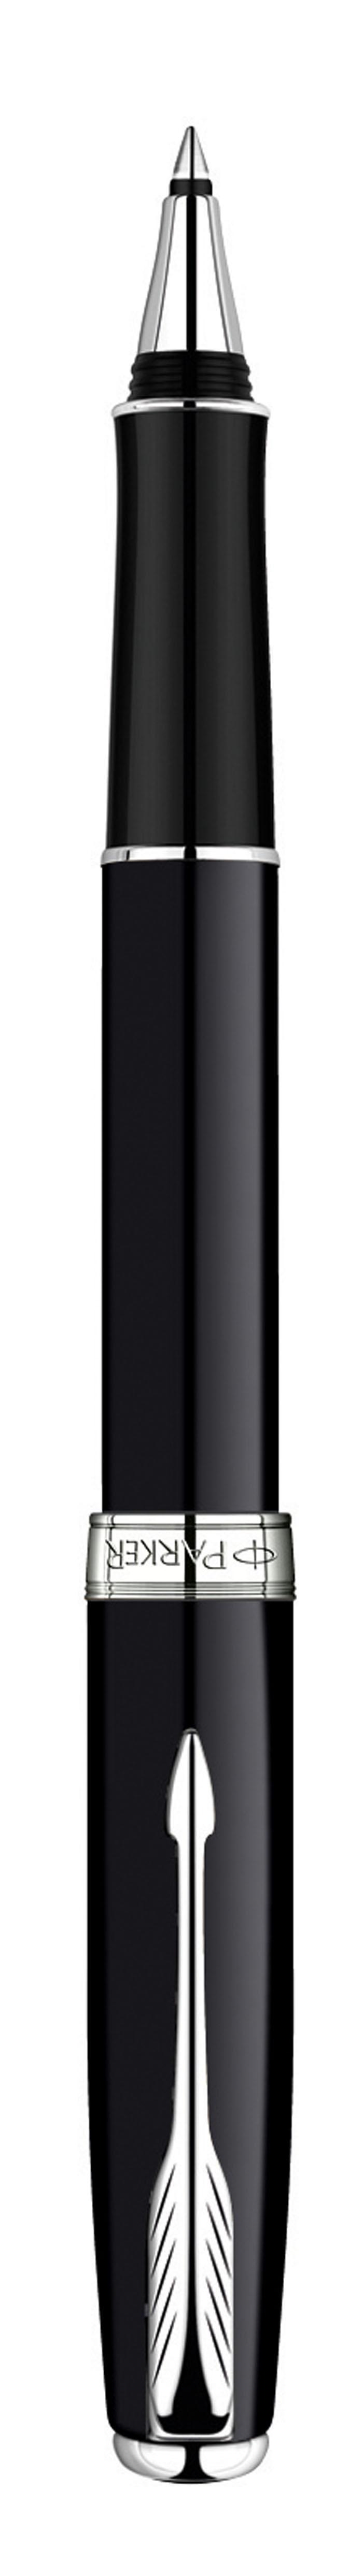 Ручка-роллер Паркер Сонет Блэк Лак Си Ти. Инструмент для письма, линия письма - тонкая, цвет чернил черный, в подарочной упаковке. Произведено во Франции.